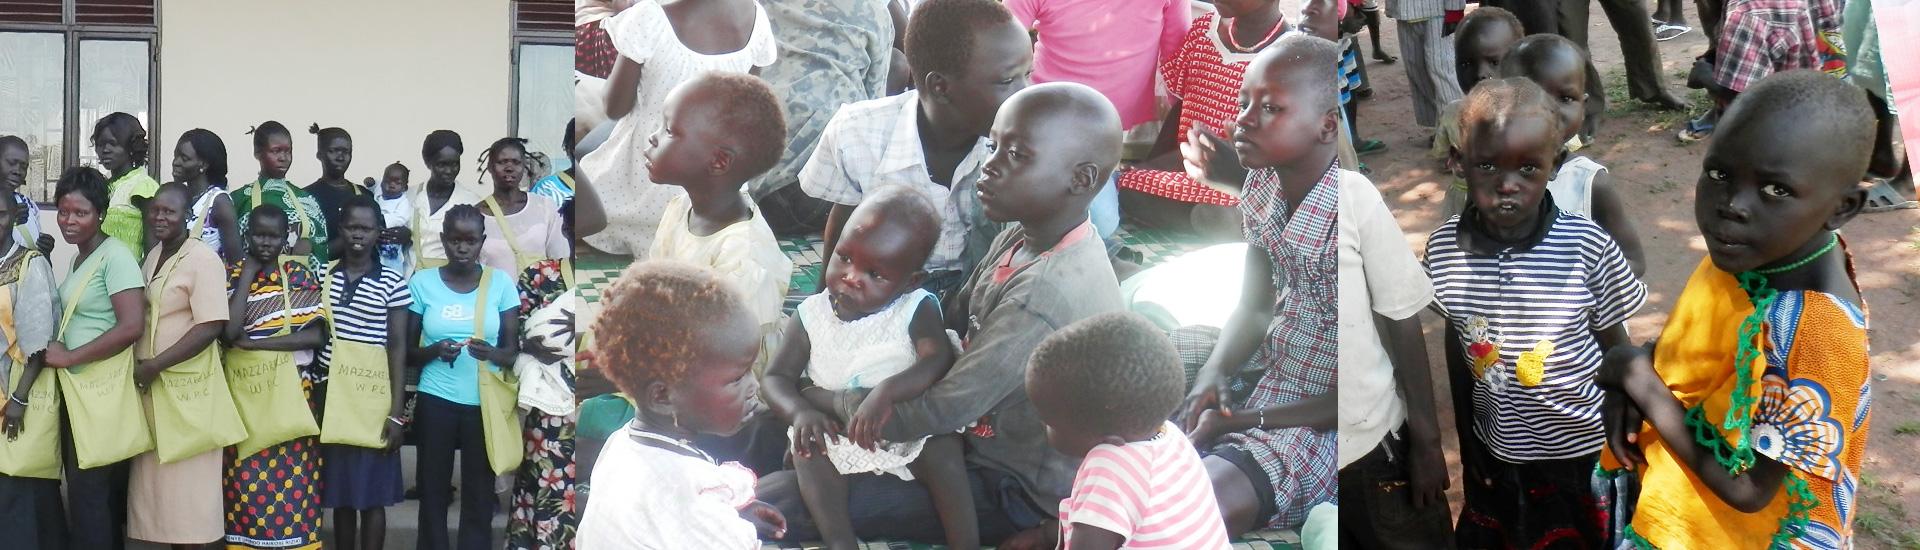 Refugio y educación para los desplazados en Sudán del Sur